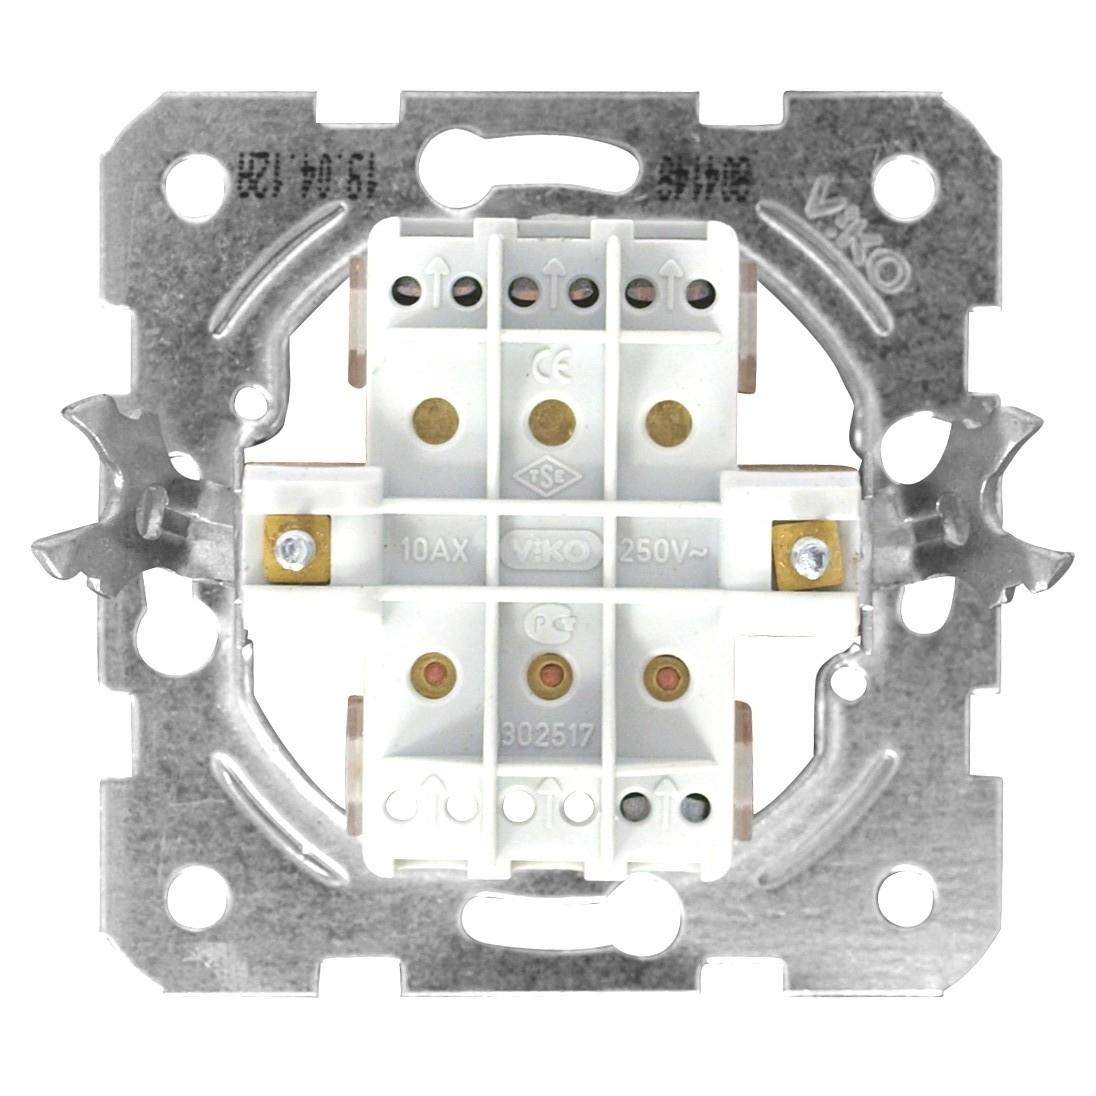 1 Stk Ausschalter, 3fach, Schraubklemmen EV100016--